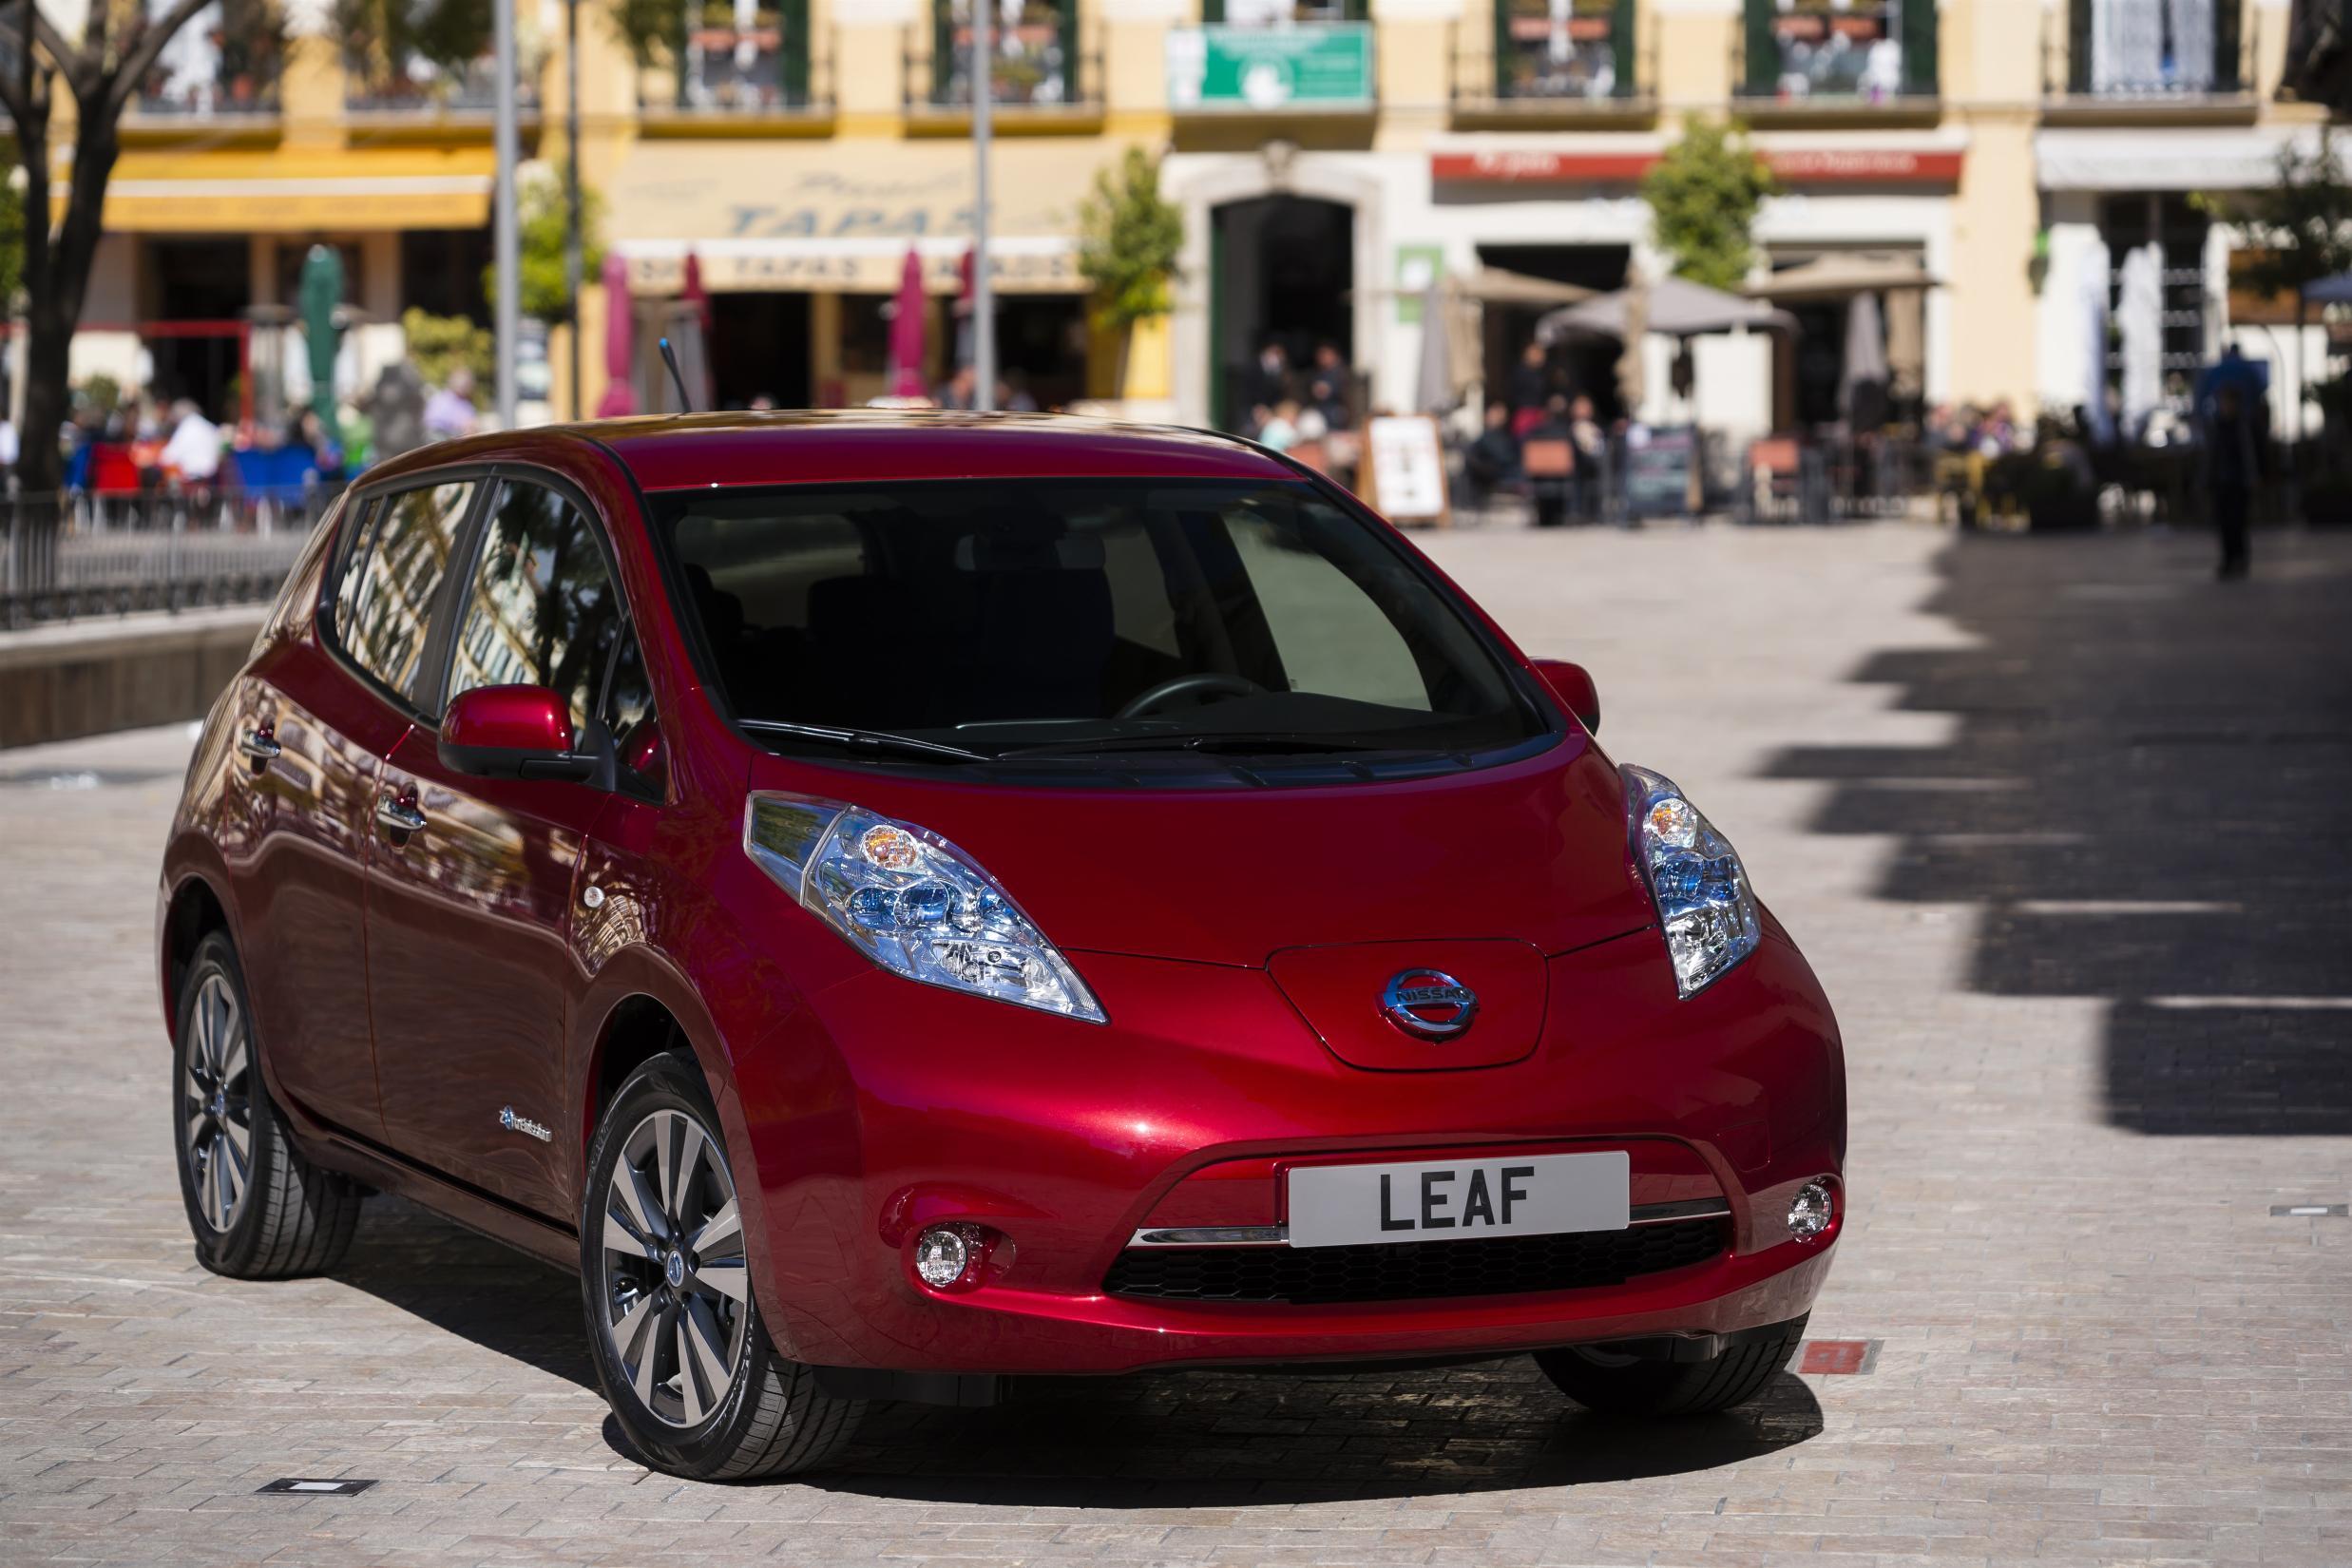 Hazte con un Nissan Leaf a precio de derribo